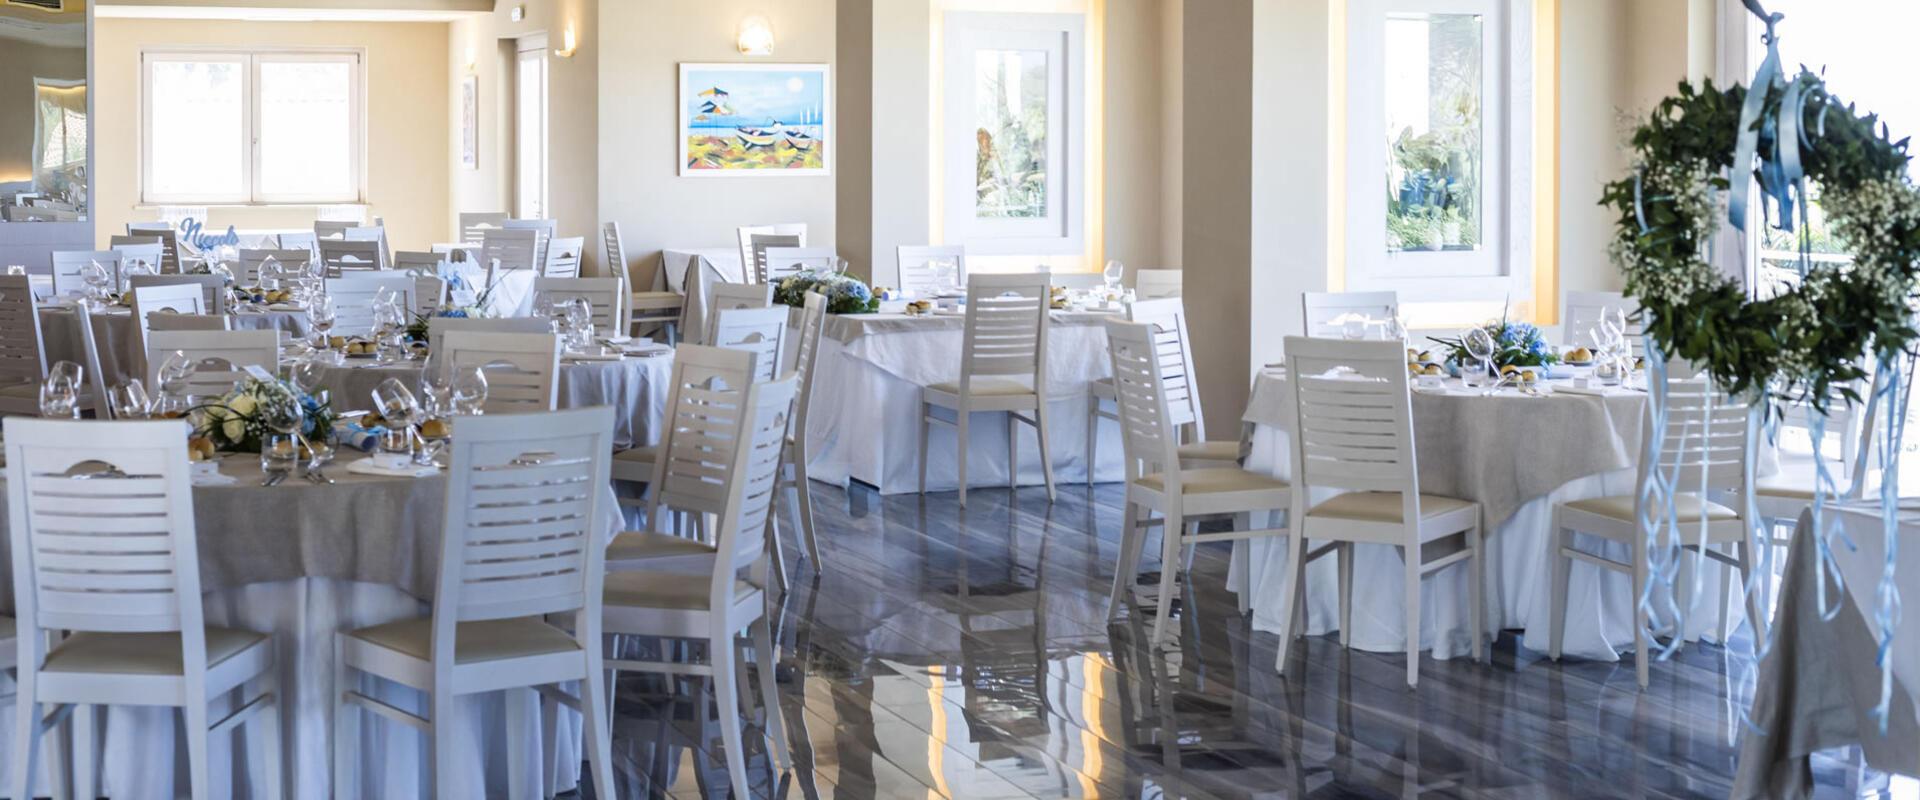 borgodonnacanfora en location-events-calabria 004